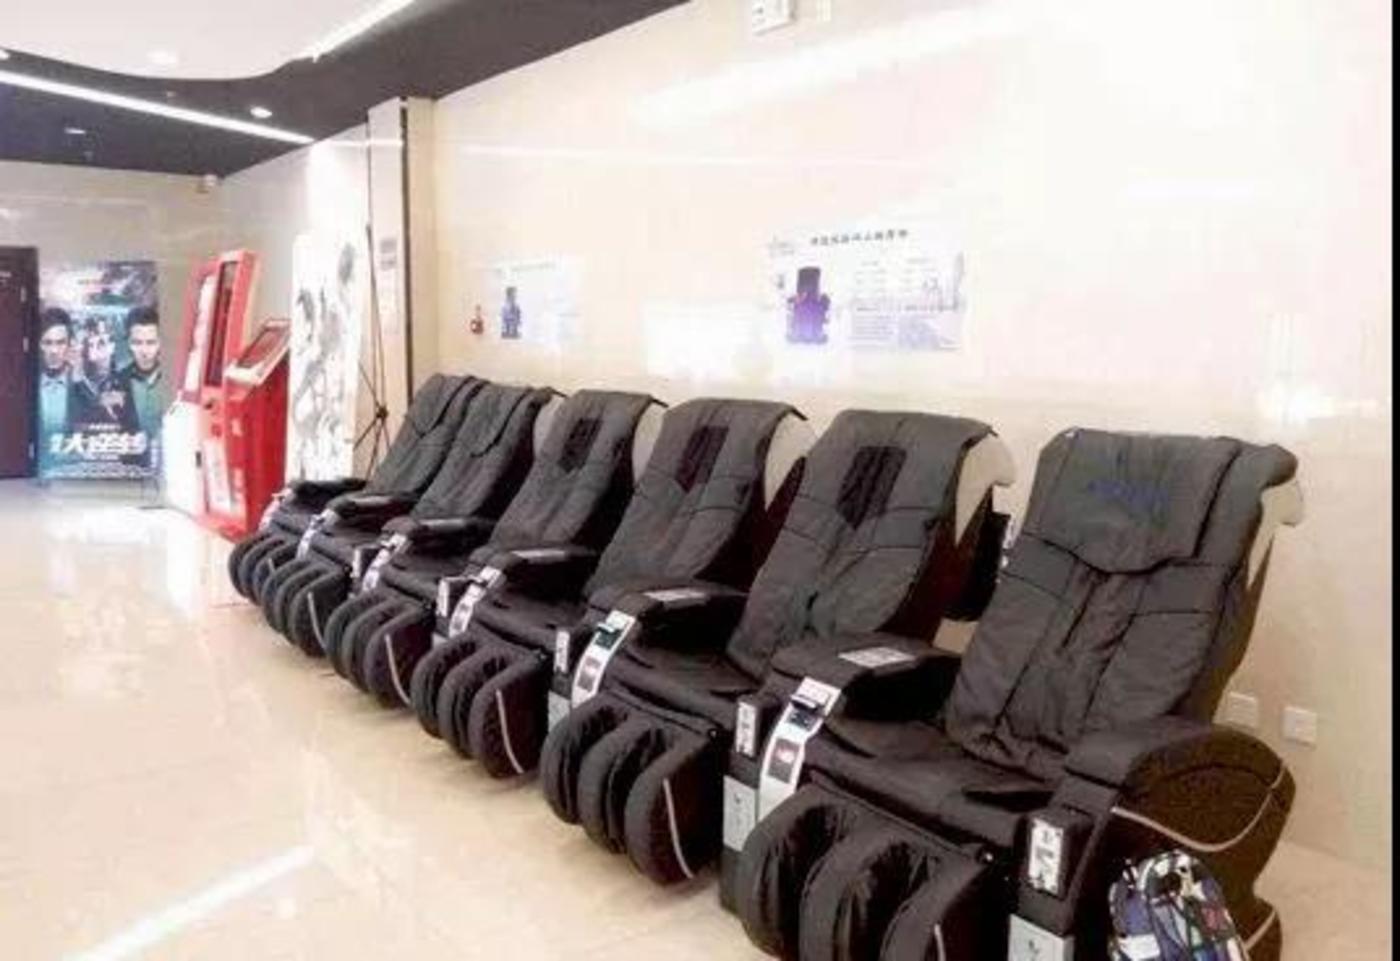 电影院里的按摩椅